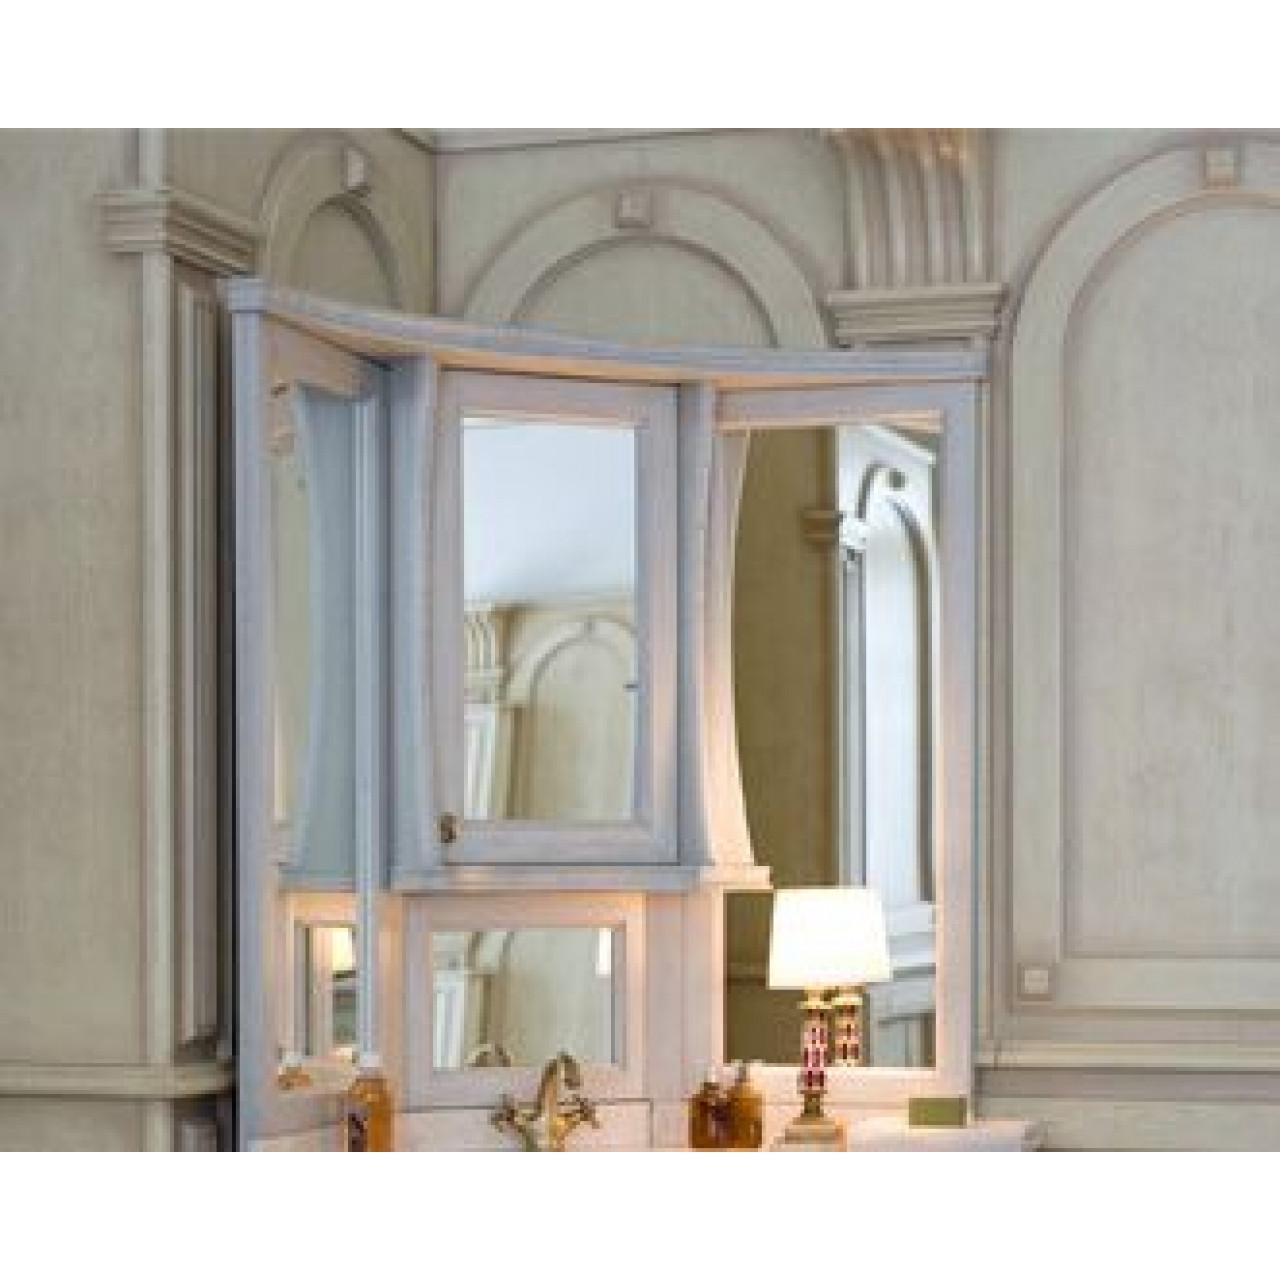 Зеркало-шкаф Аллигатор Классик 125 на столешнице угловое купить в Москве по цене от 38400р. в интернет-магазине mebel-v-vannu.ru